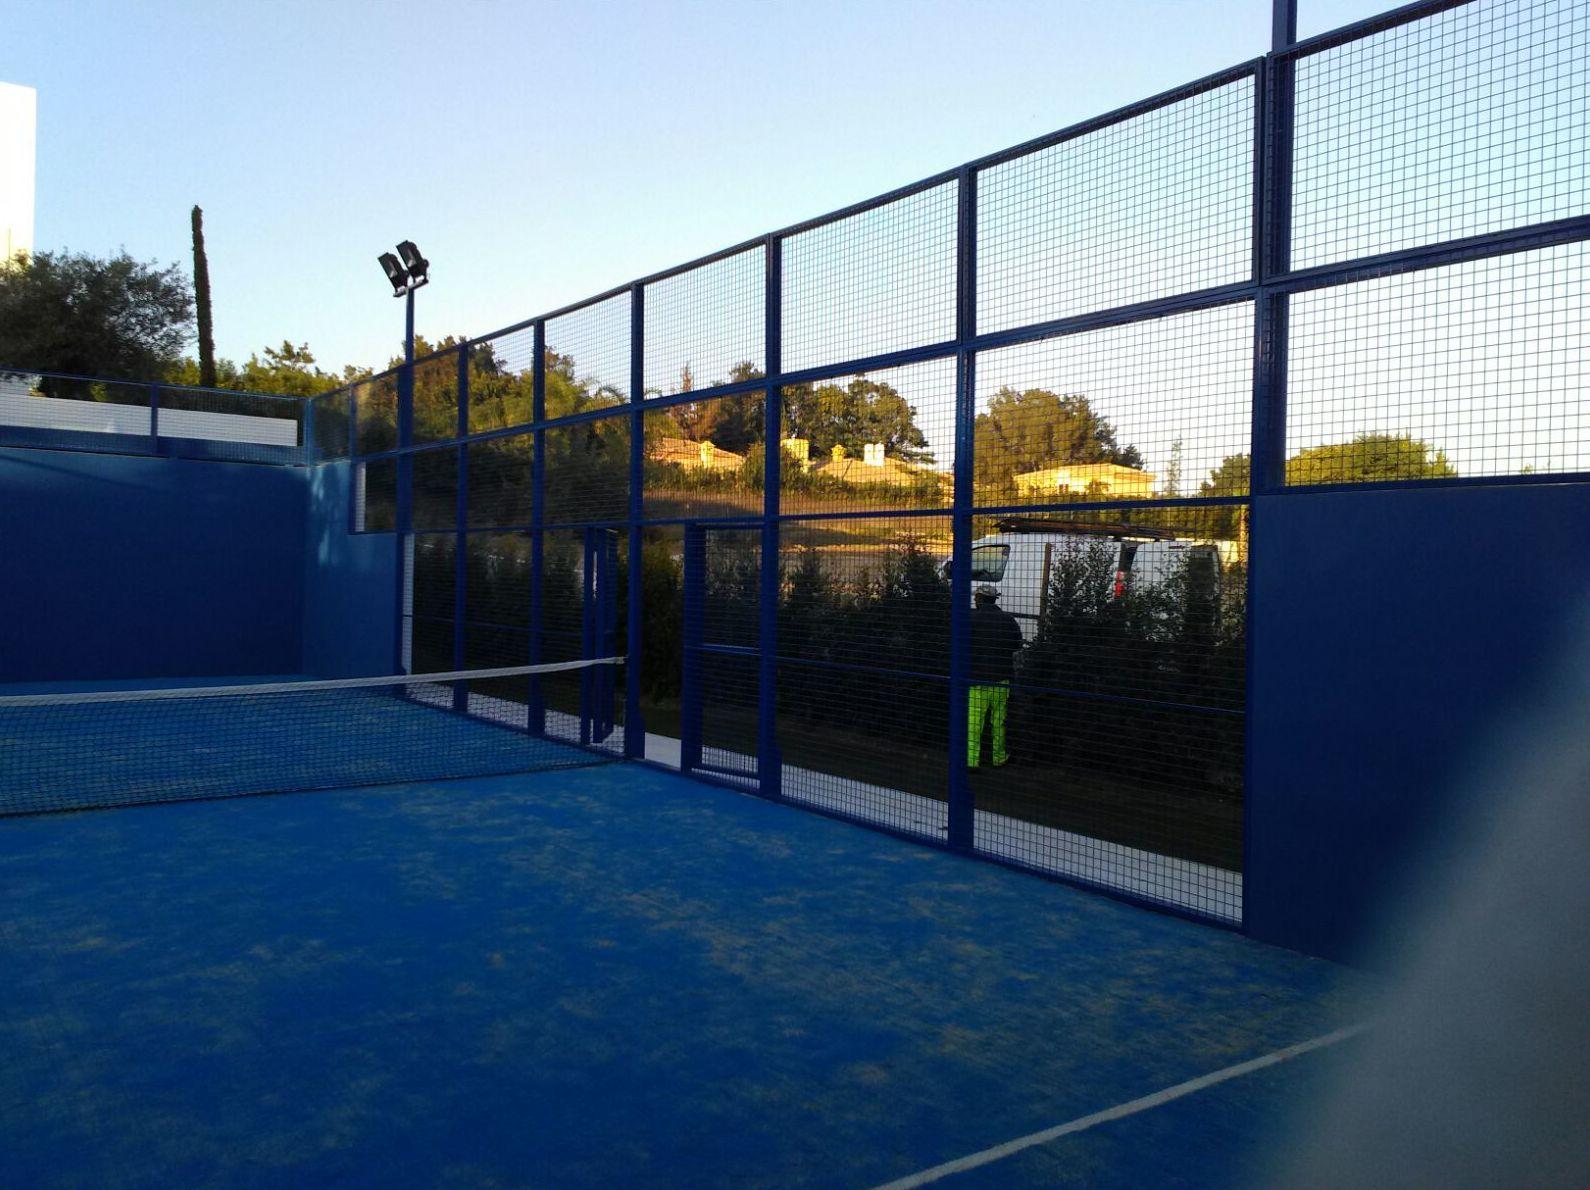 Cerramiento instalaciones deportivas Utrera Sevilla